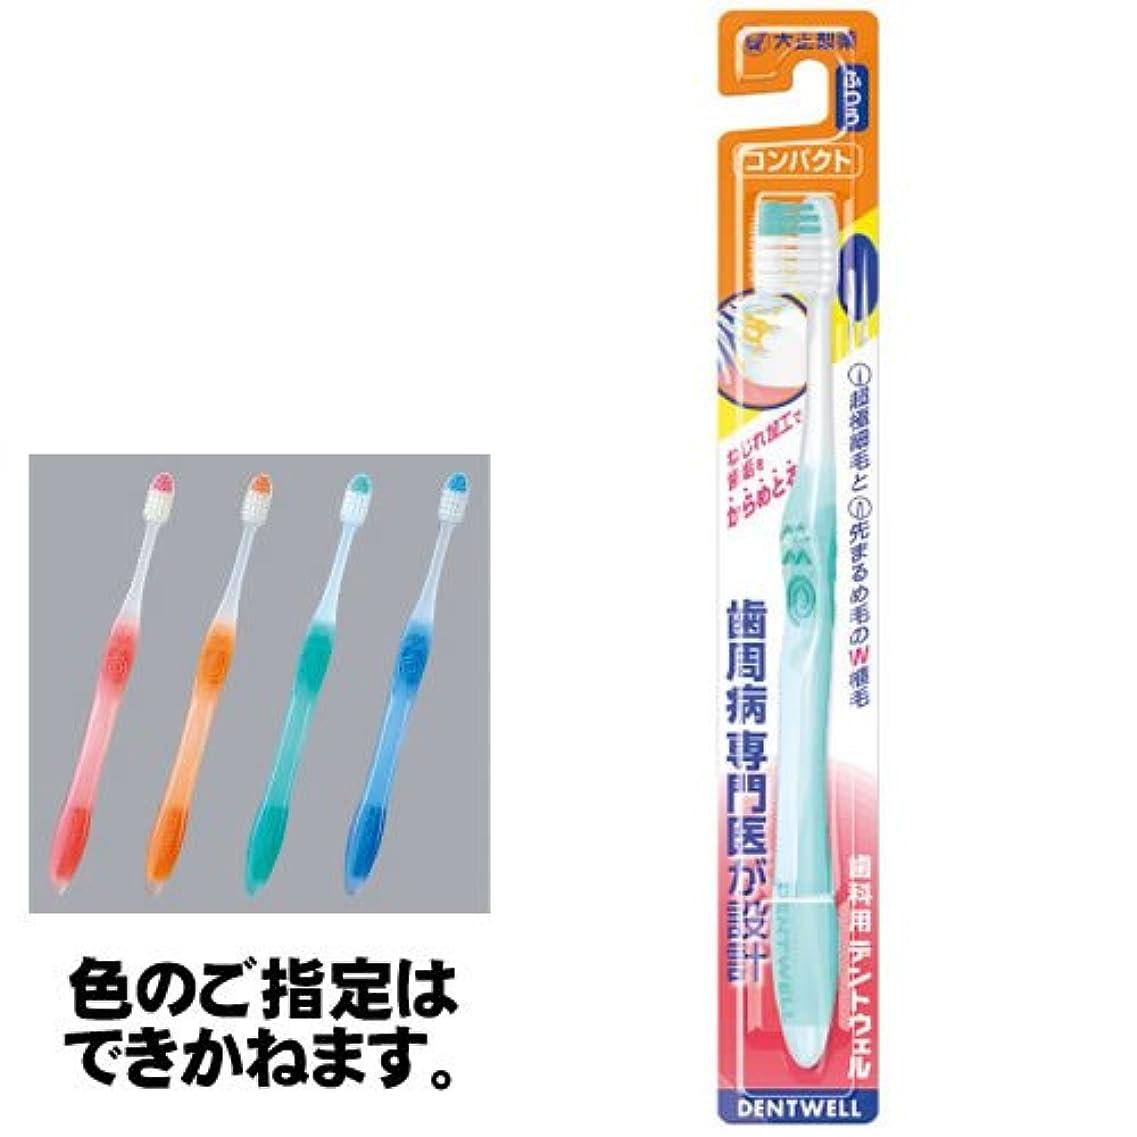 独立して費やす疼痛〔大正製薬〕歯科用デントウェル歯ブラシ コンパクト ふつう×12本セット